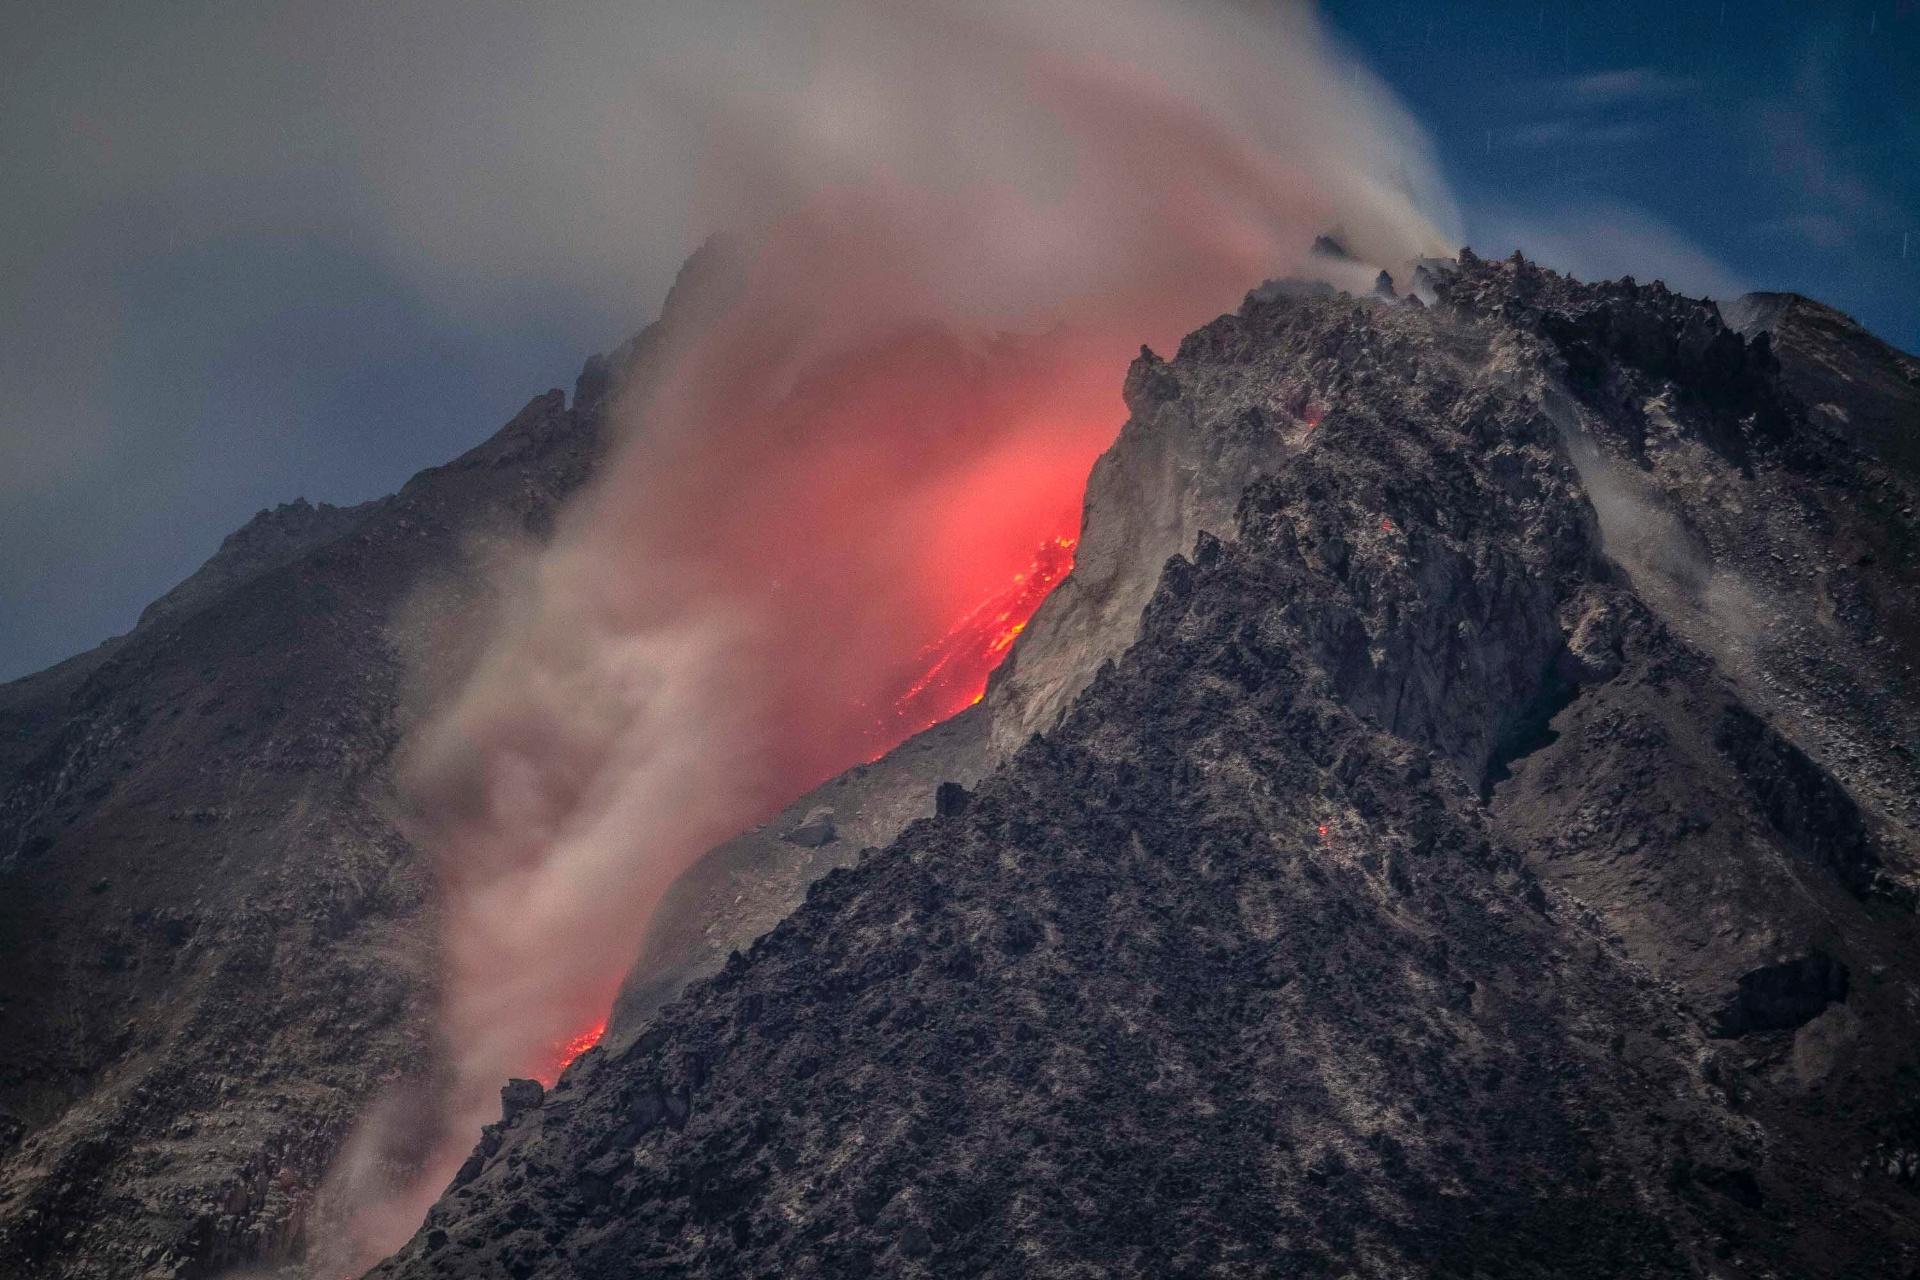 4.abr.2015 - Vulcão do Monte Sinabung visto a partir da vila de Kuta Tengah, no norte da ilha de Sumatra, na Indonésia, em fotografia de longa exposição